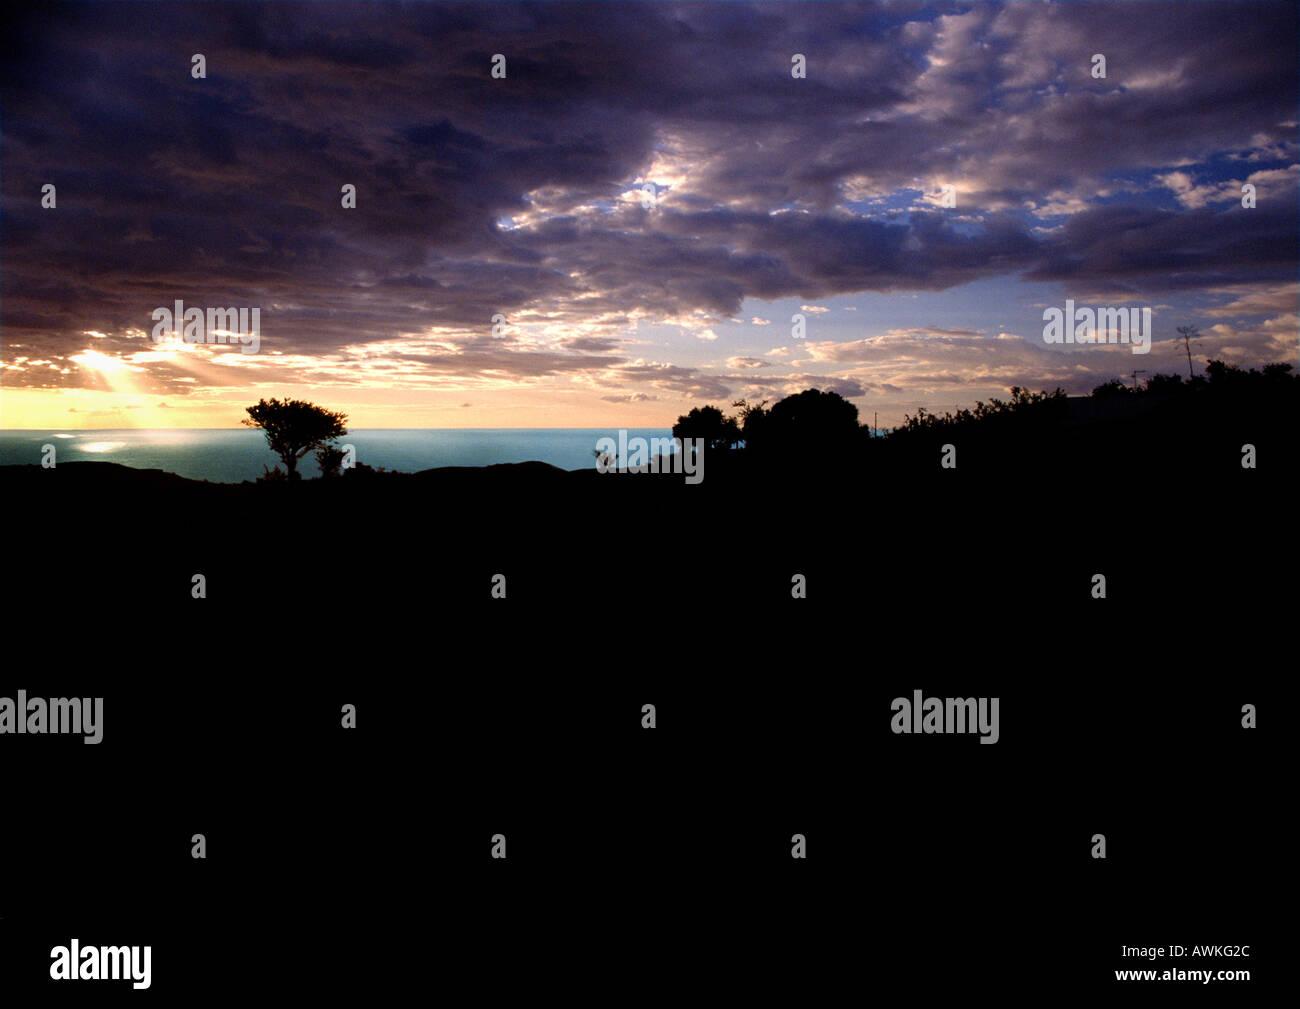 Coastal landscape at sunset - Stock Image